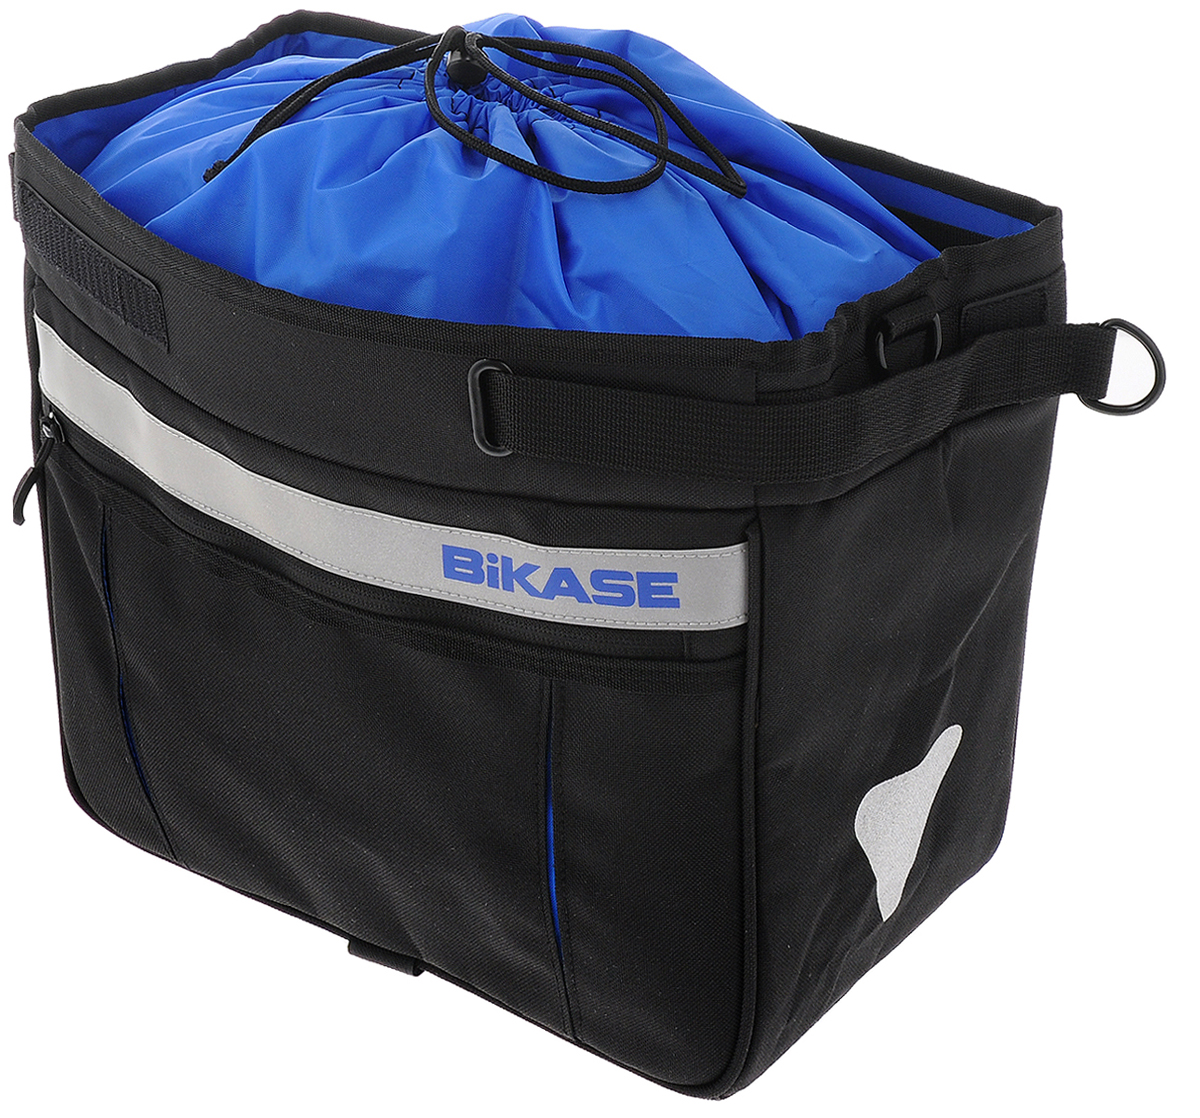 Раздвижная сумка на багажник BiKase Grocery Pannier, цвет: черный, синий, серебристый